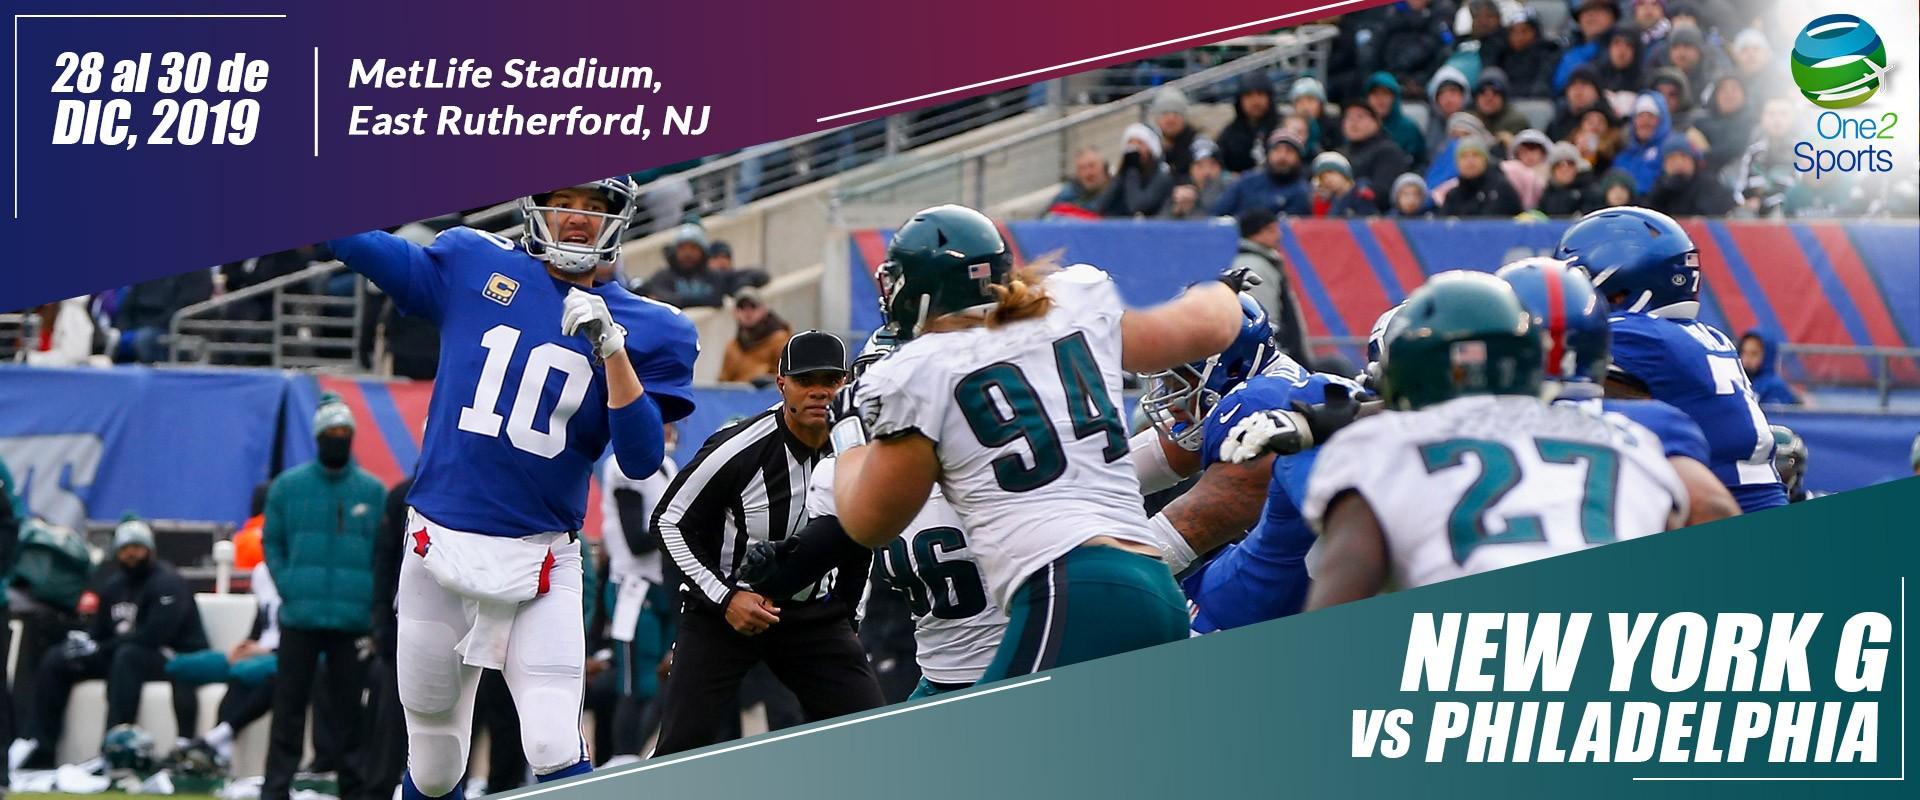 New York G vs Philadelphia